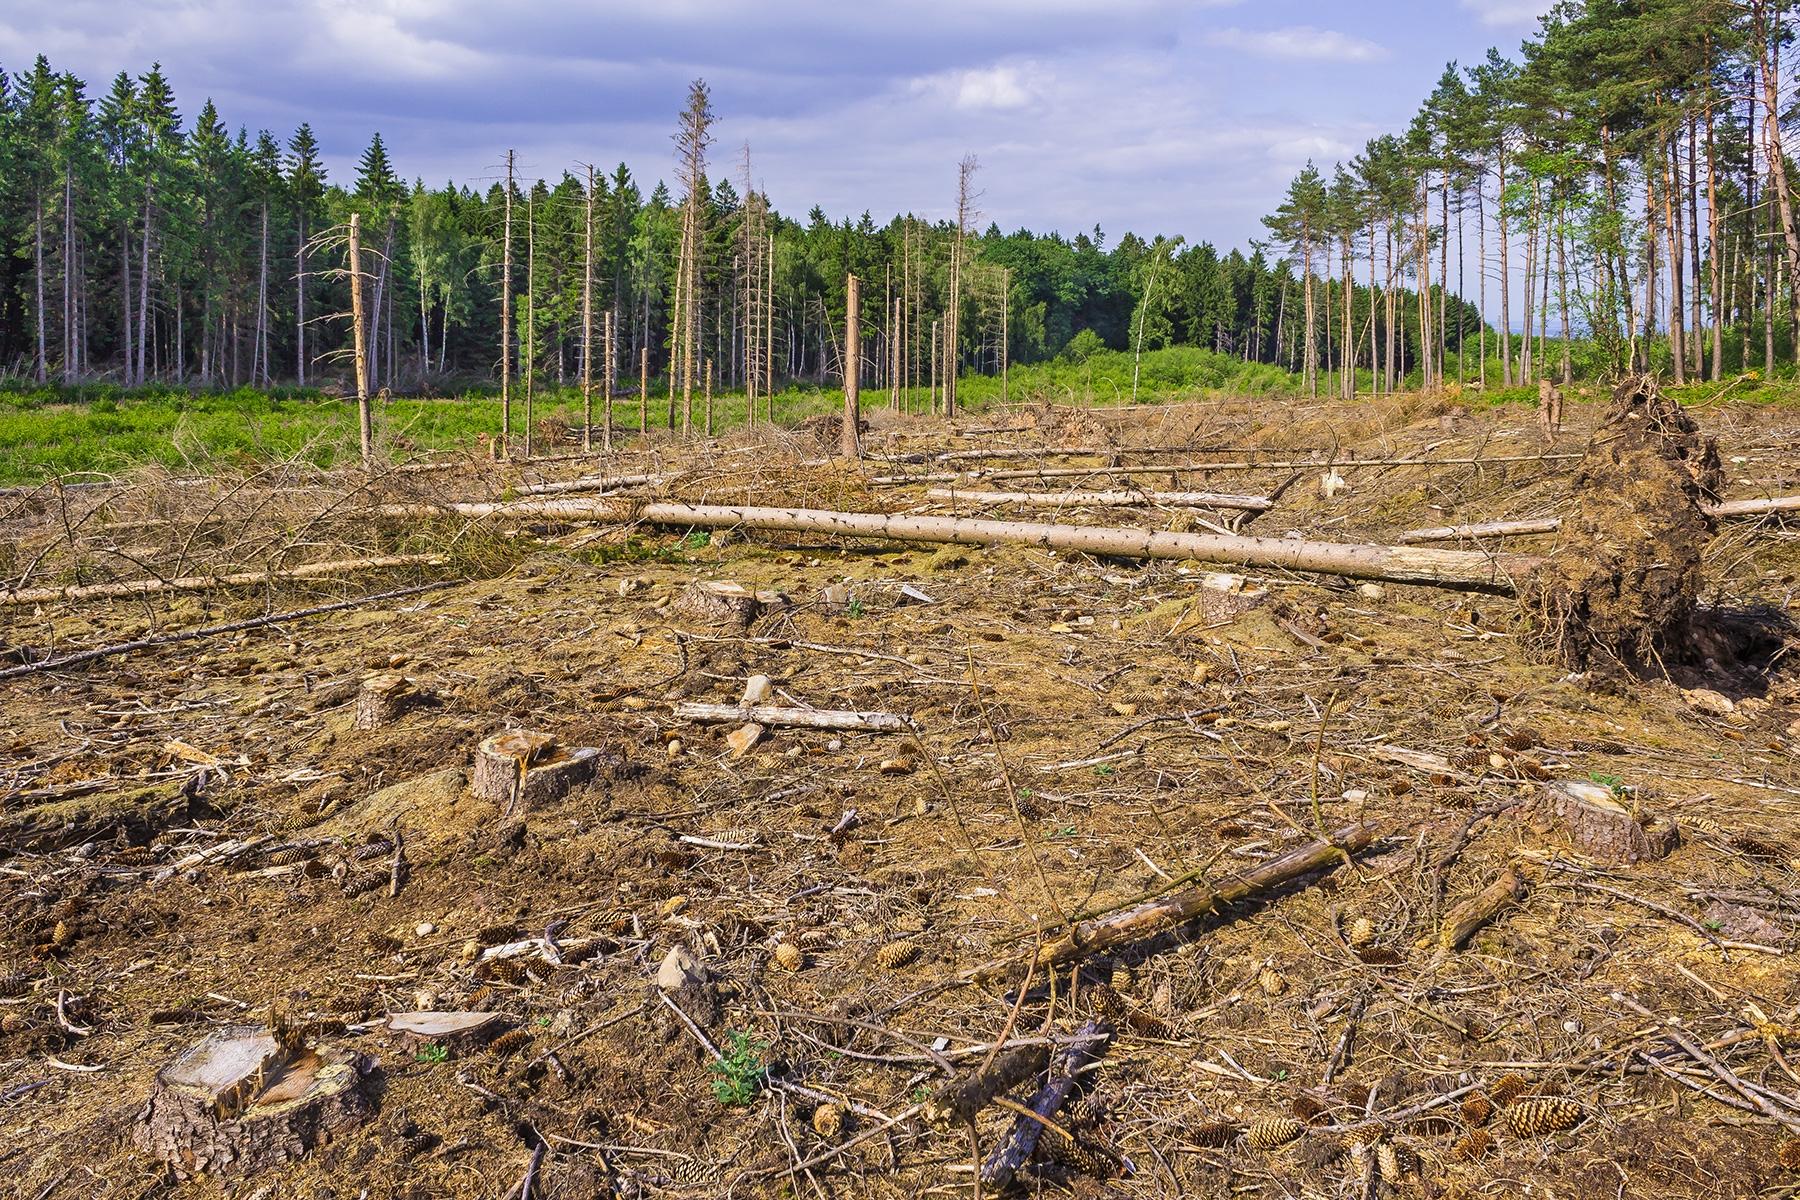 einige wenige abgestorbene Fichten als Alibi-Totholz